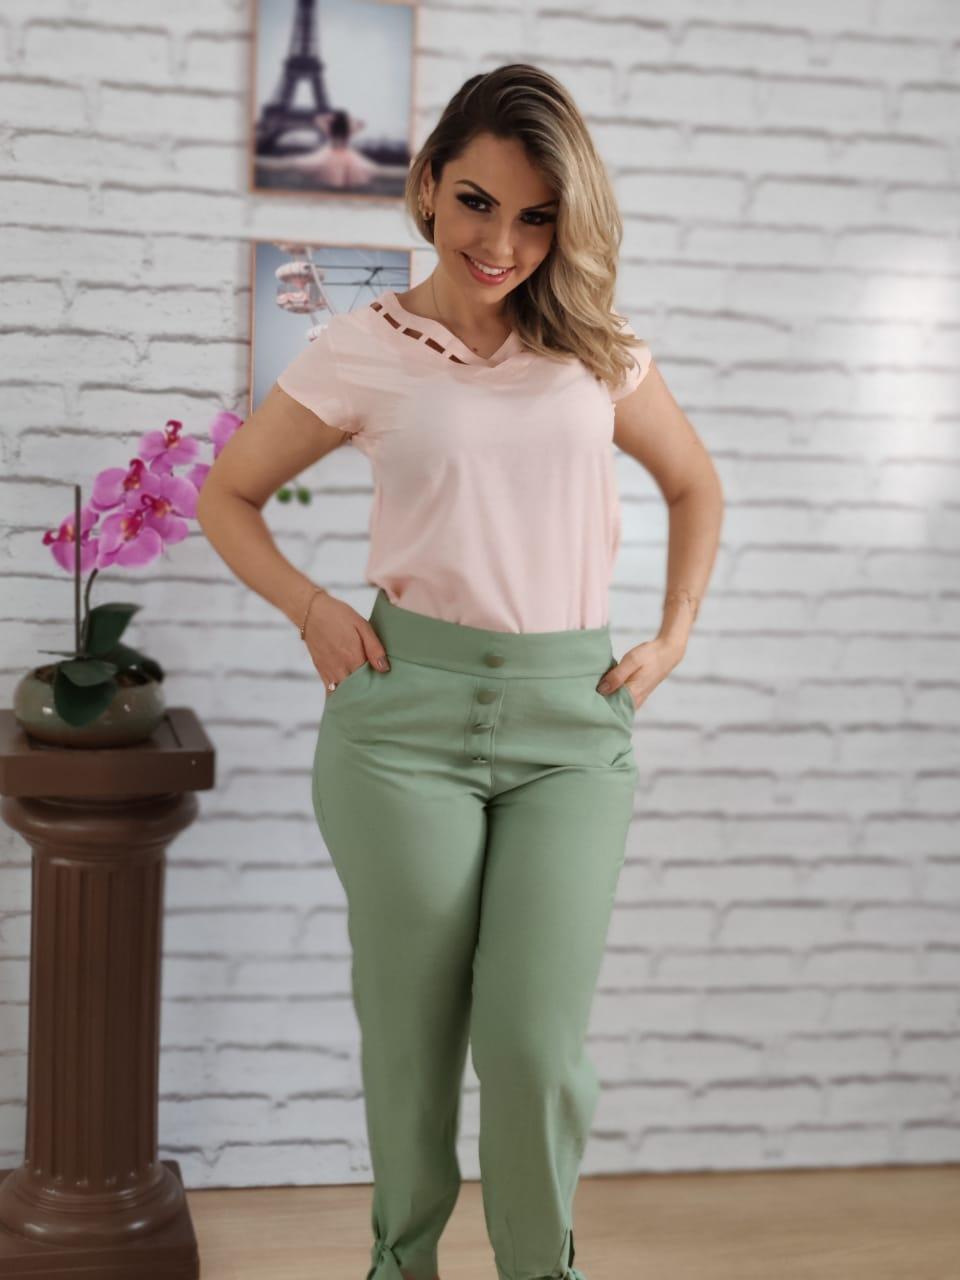 Blusa Manga Curta Detalhe Abertura Colo Rosa + Calça Skinny Botões Laço Barra Verde